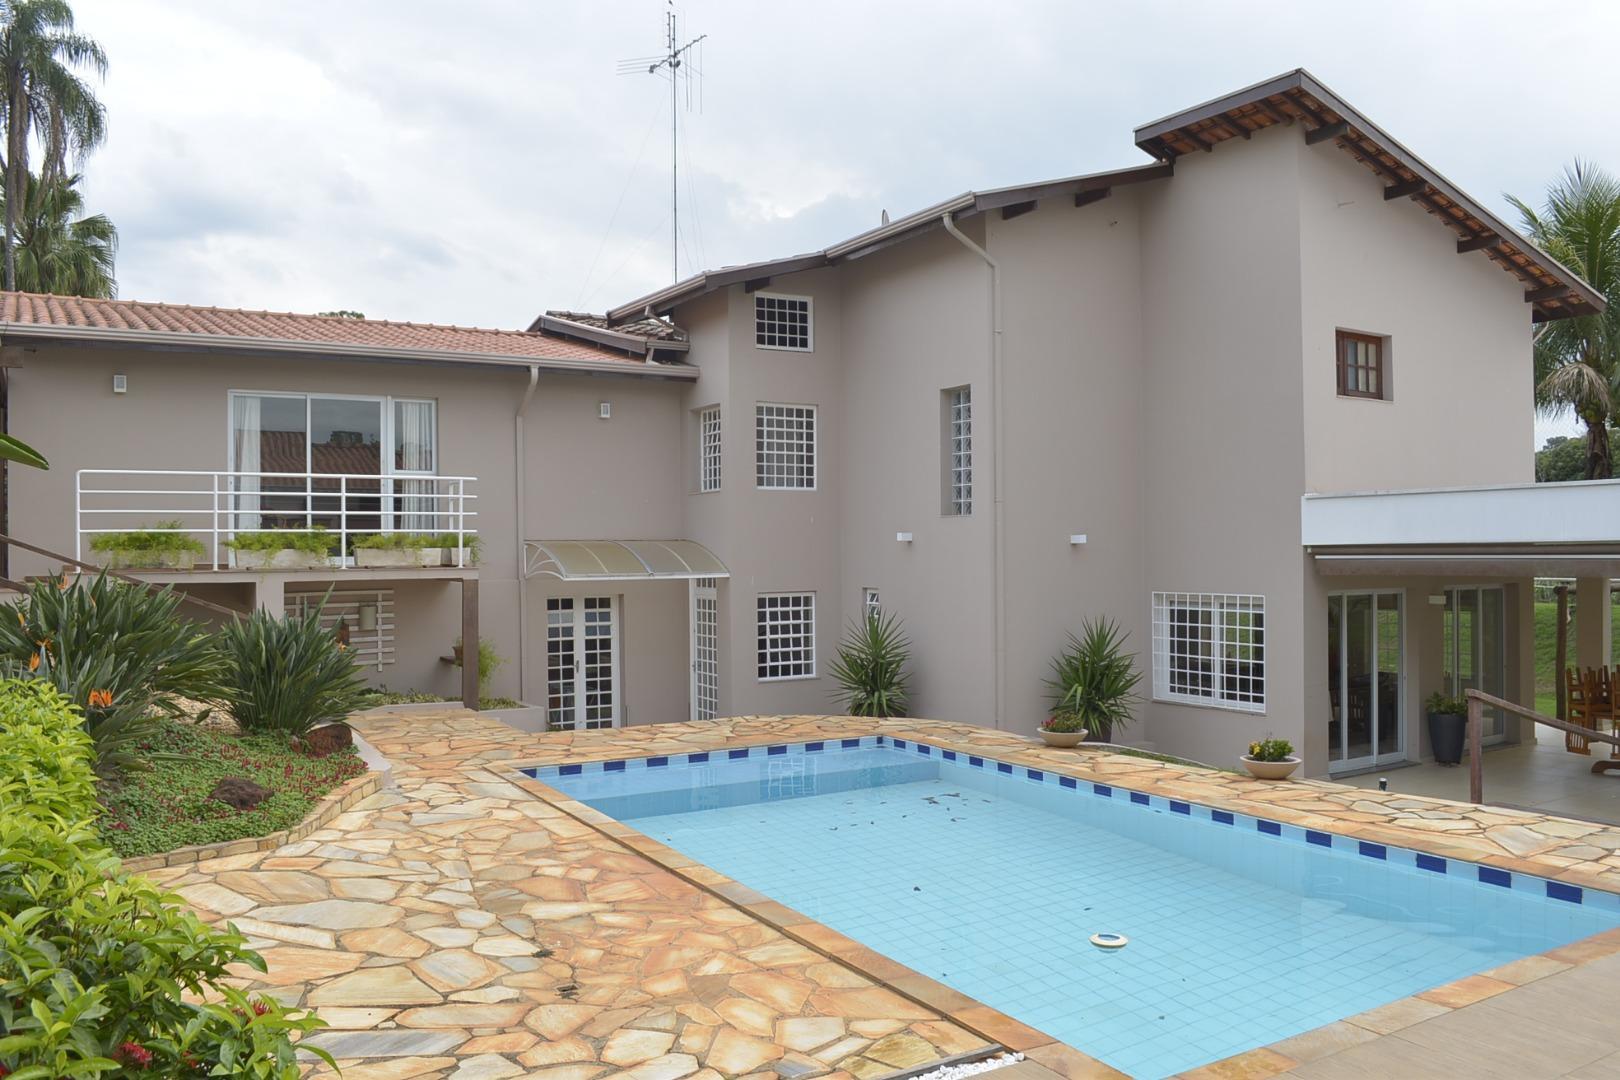 Chácara residencial à venda, Chácara Belvedere, Campinas.